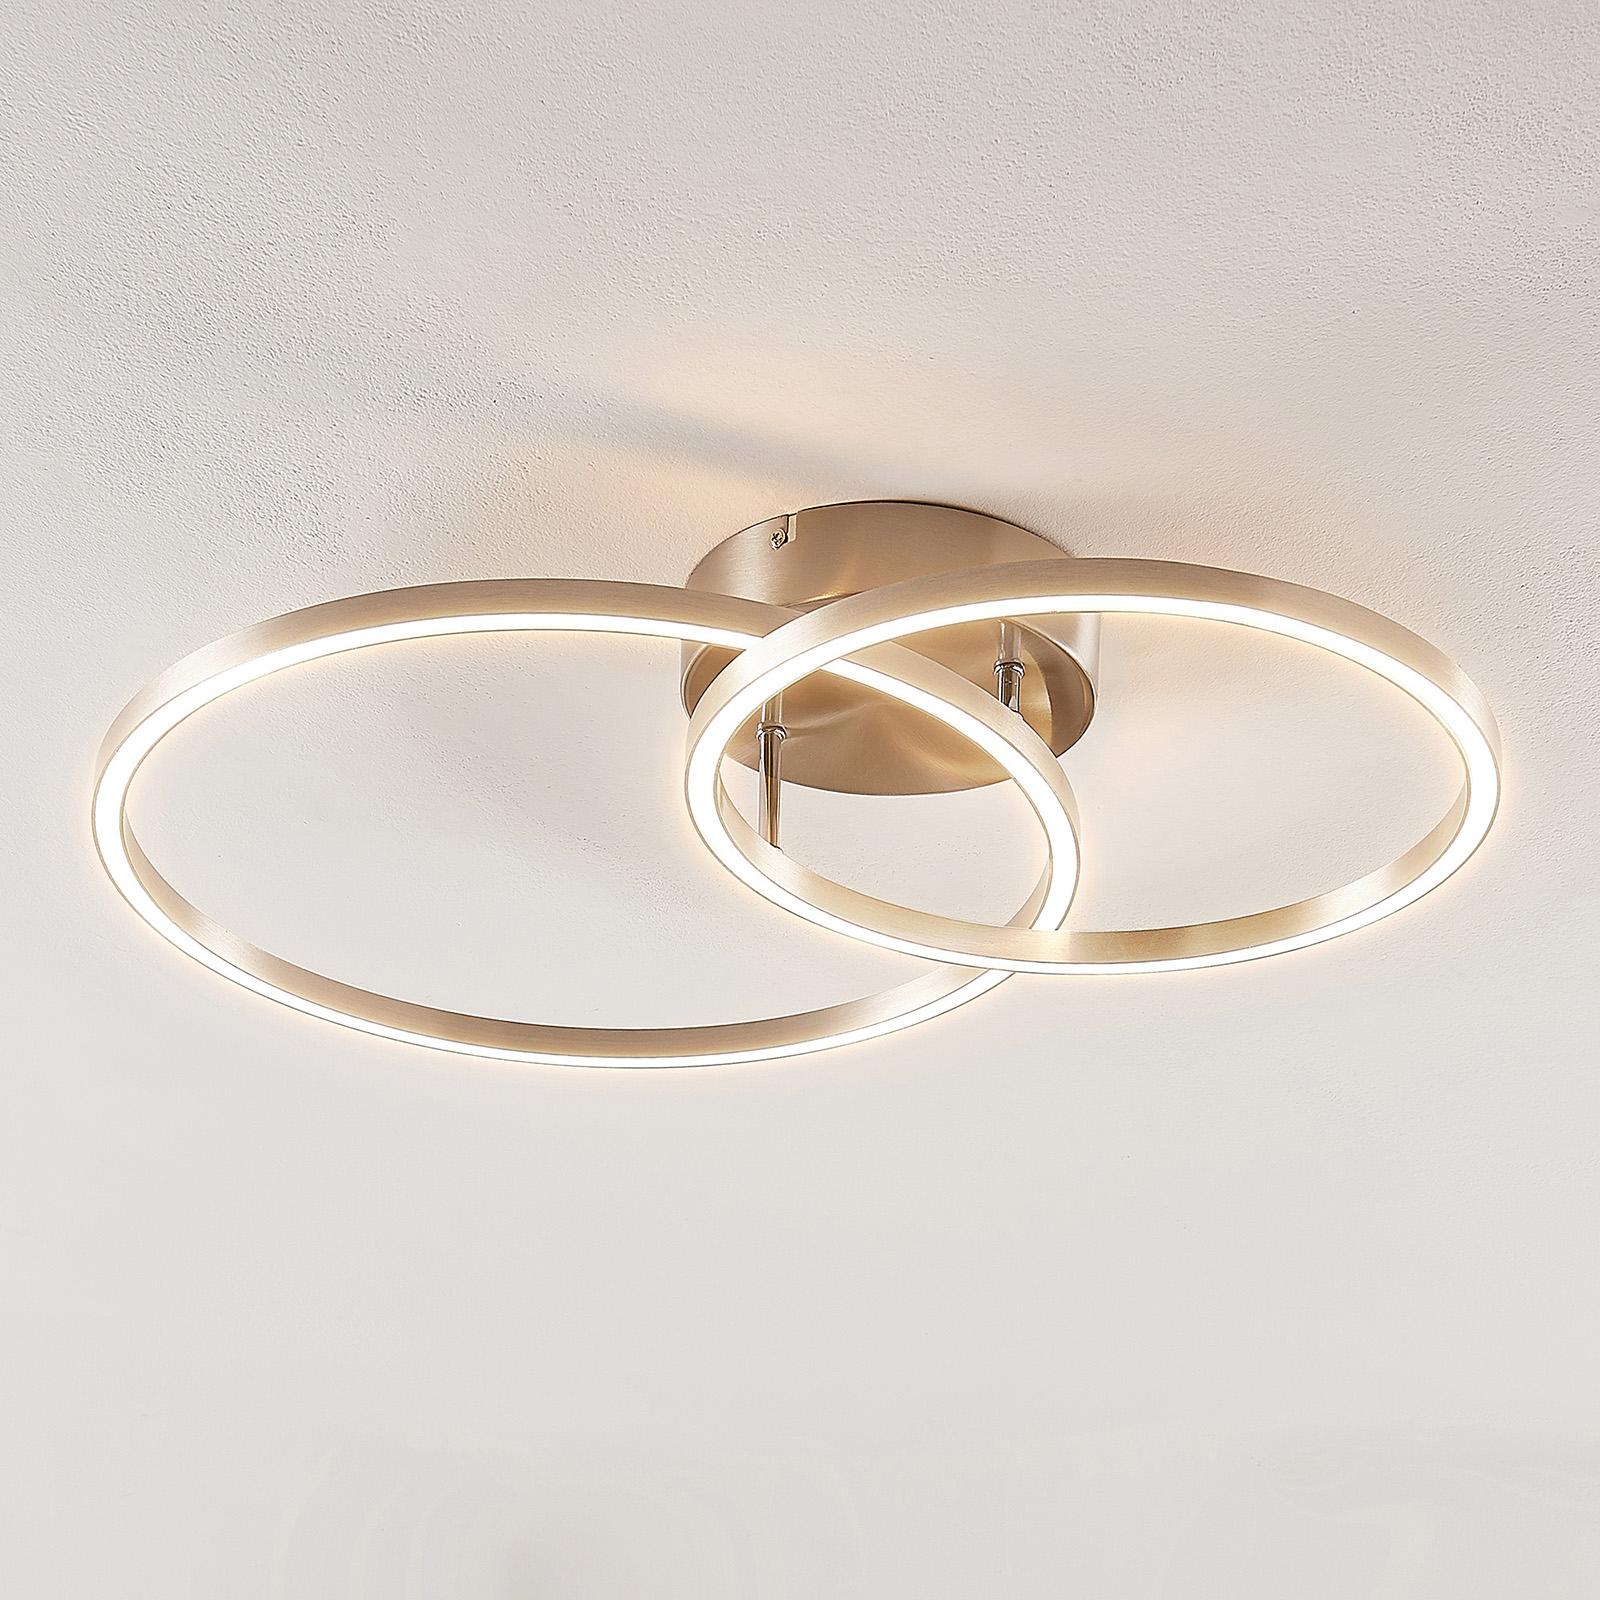 Lindby Sarafia LED-Deckenleuchte aus zwei Ringen